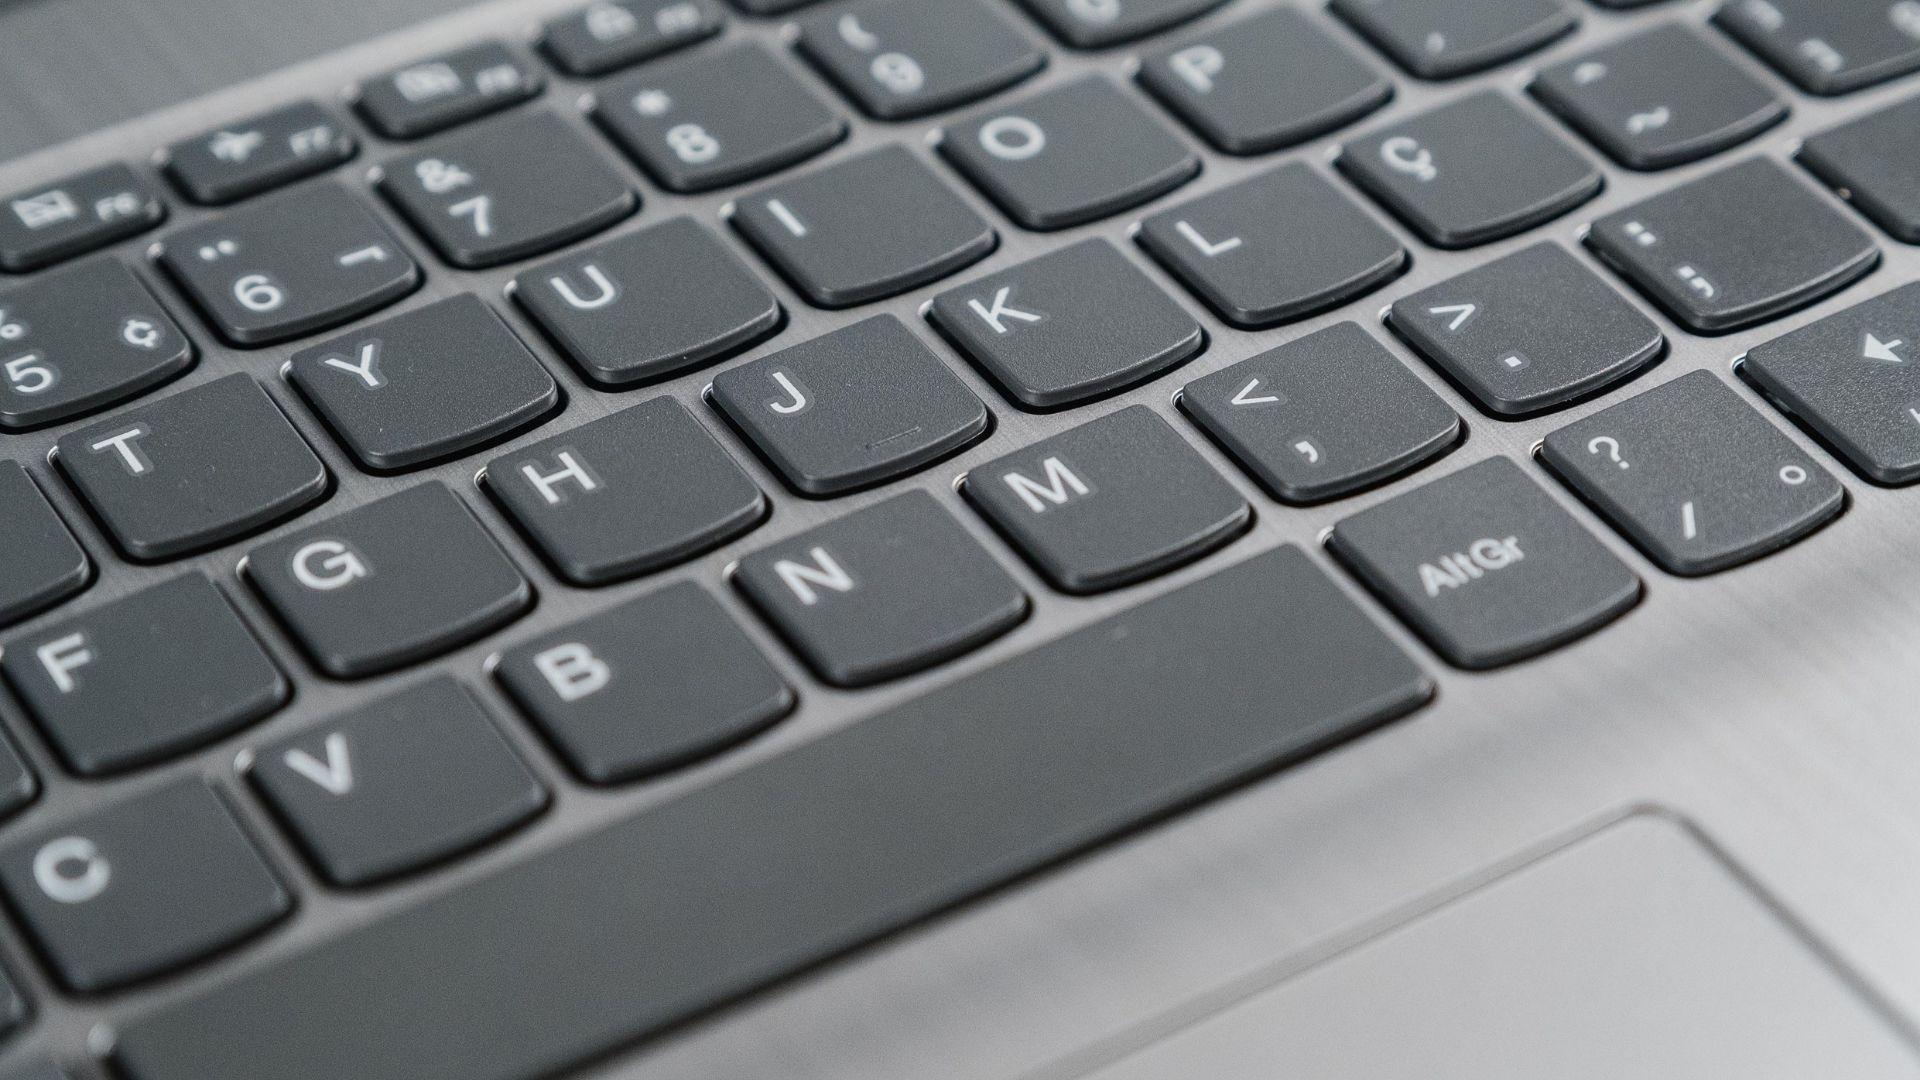 Teclado do Lenovo IdeaPad 3i cinza com letras em branco